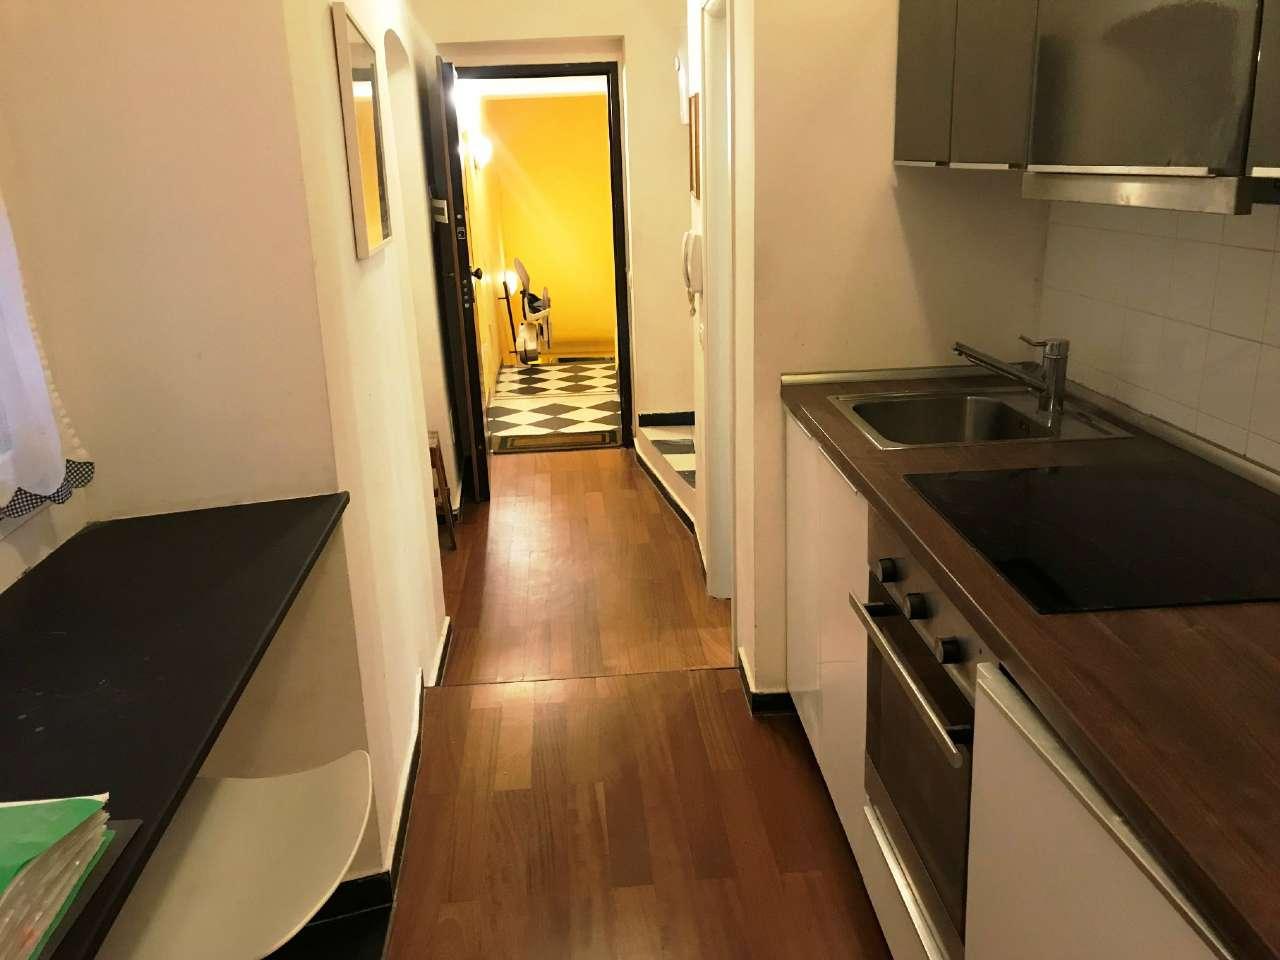 Vendesi appartamento ristrutturato case in genova for Vendesi appartamento